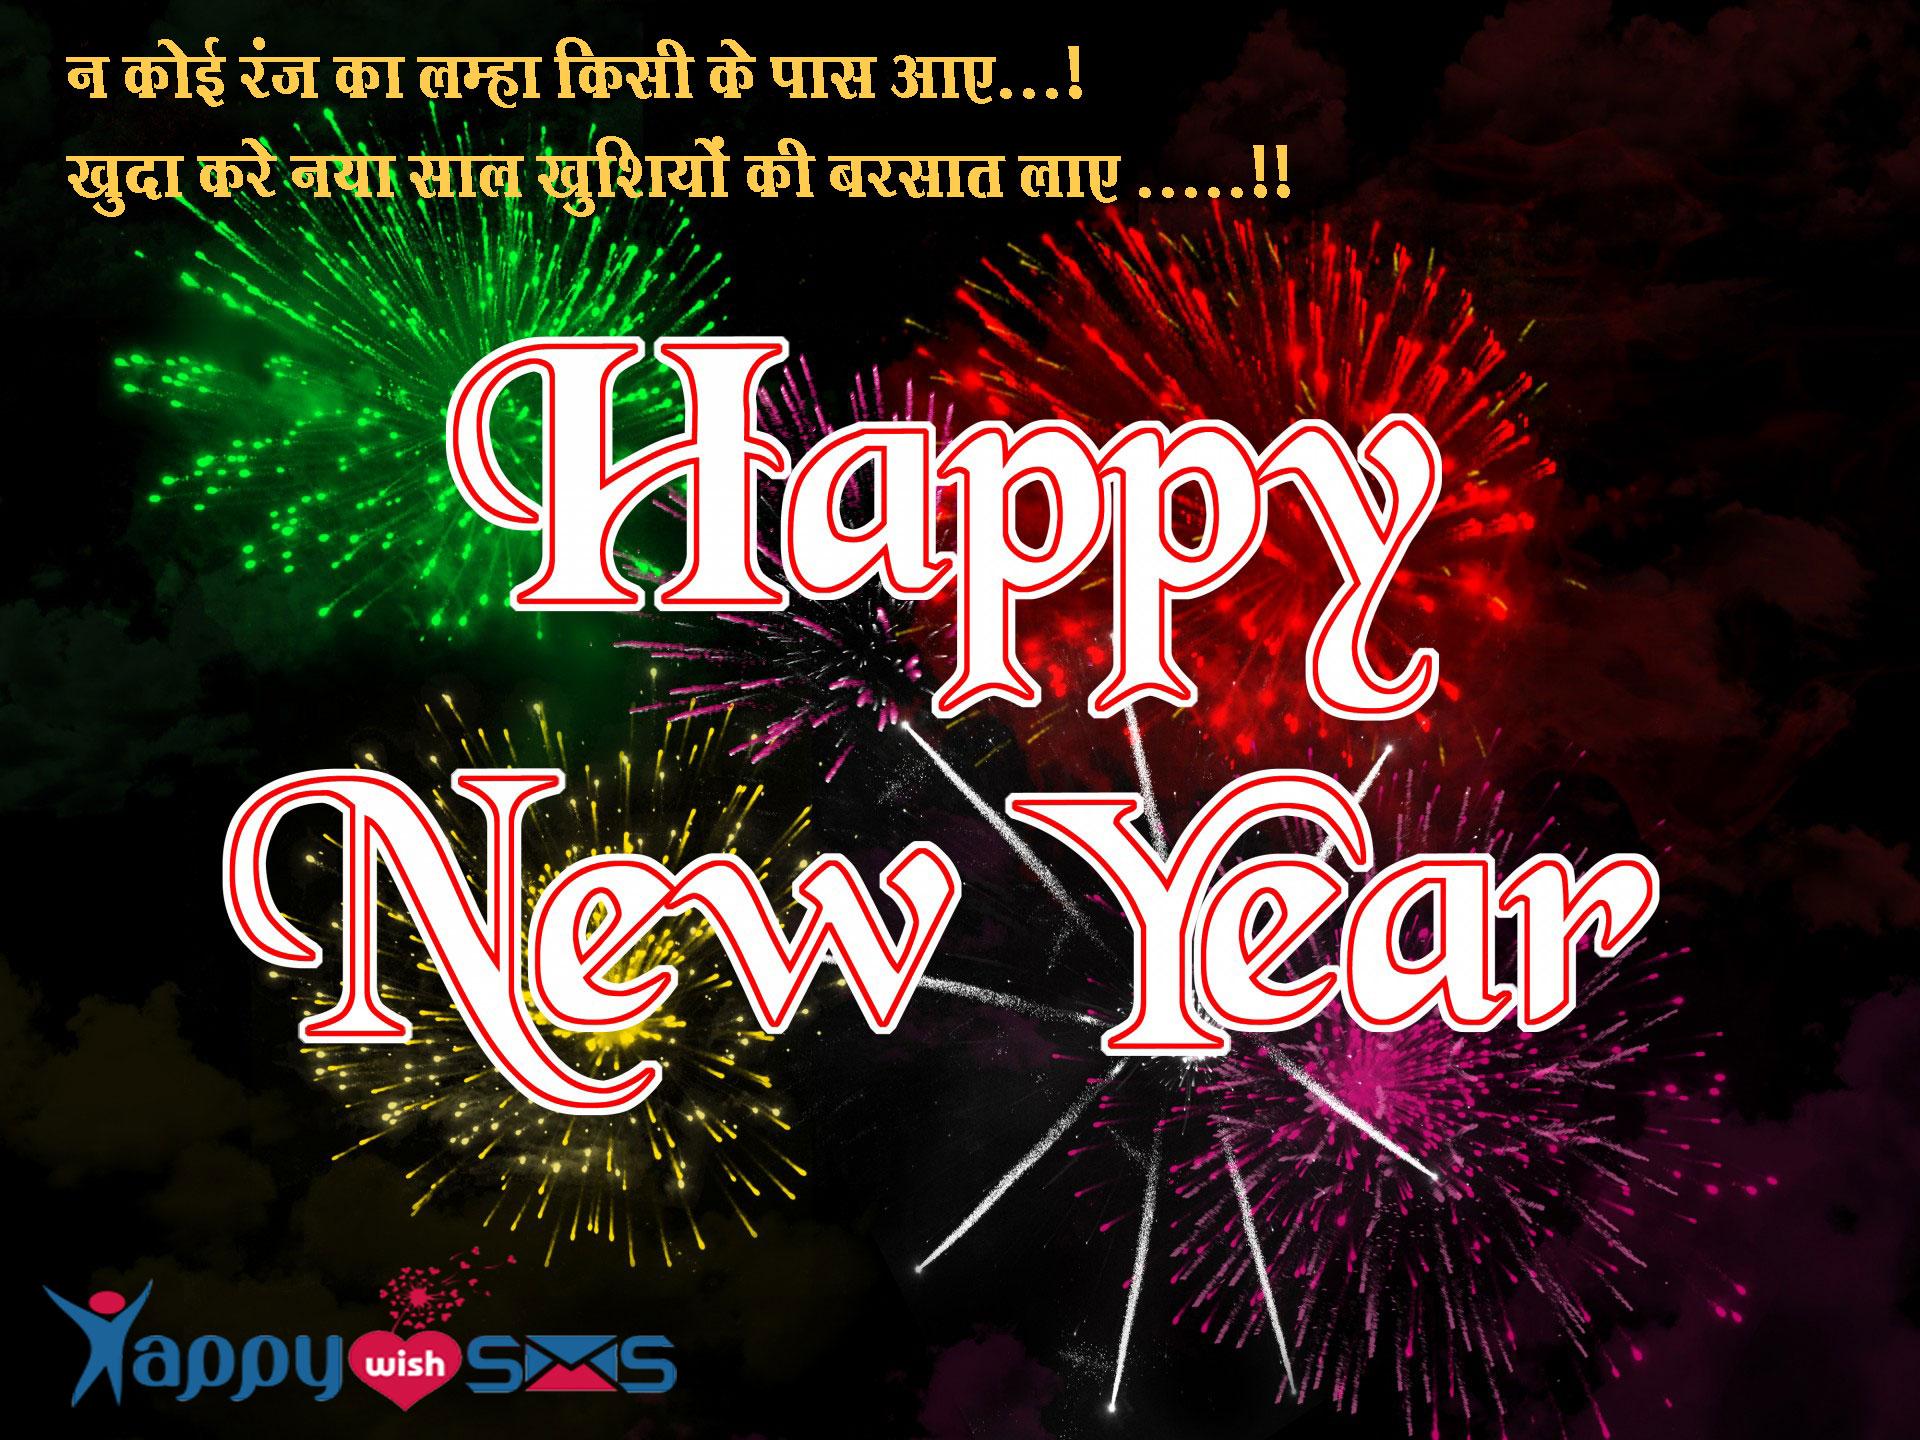 Best New Year Wishes 2019 : न कोई रंज का लम्हा किसी के पास आए…!